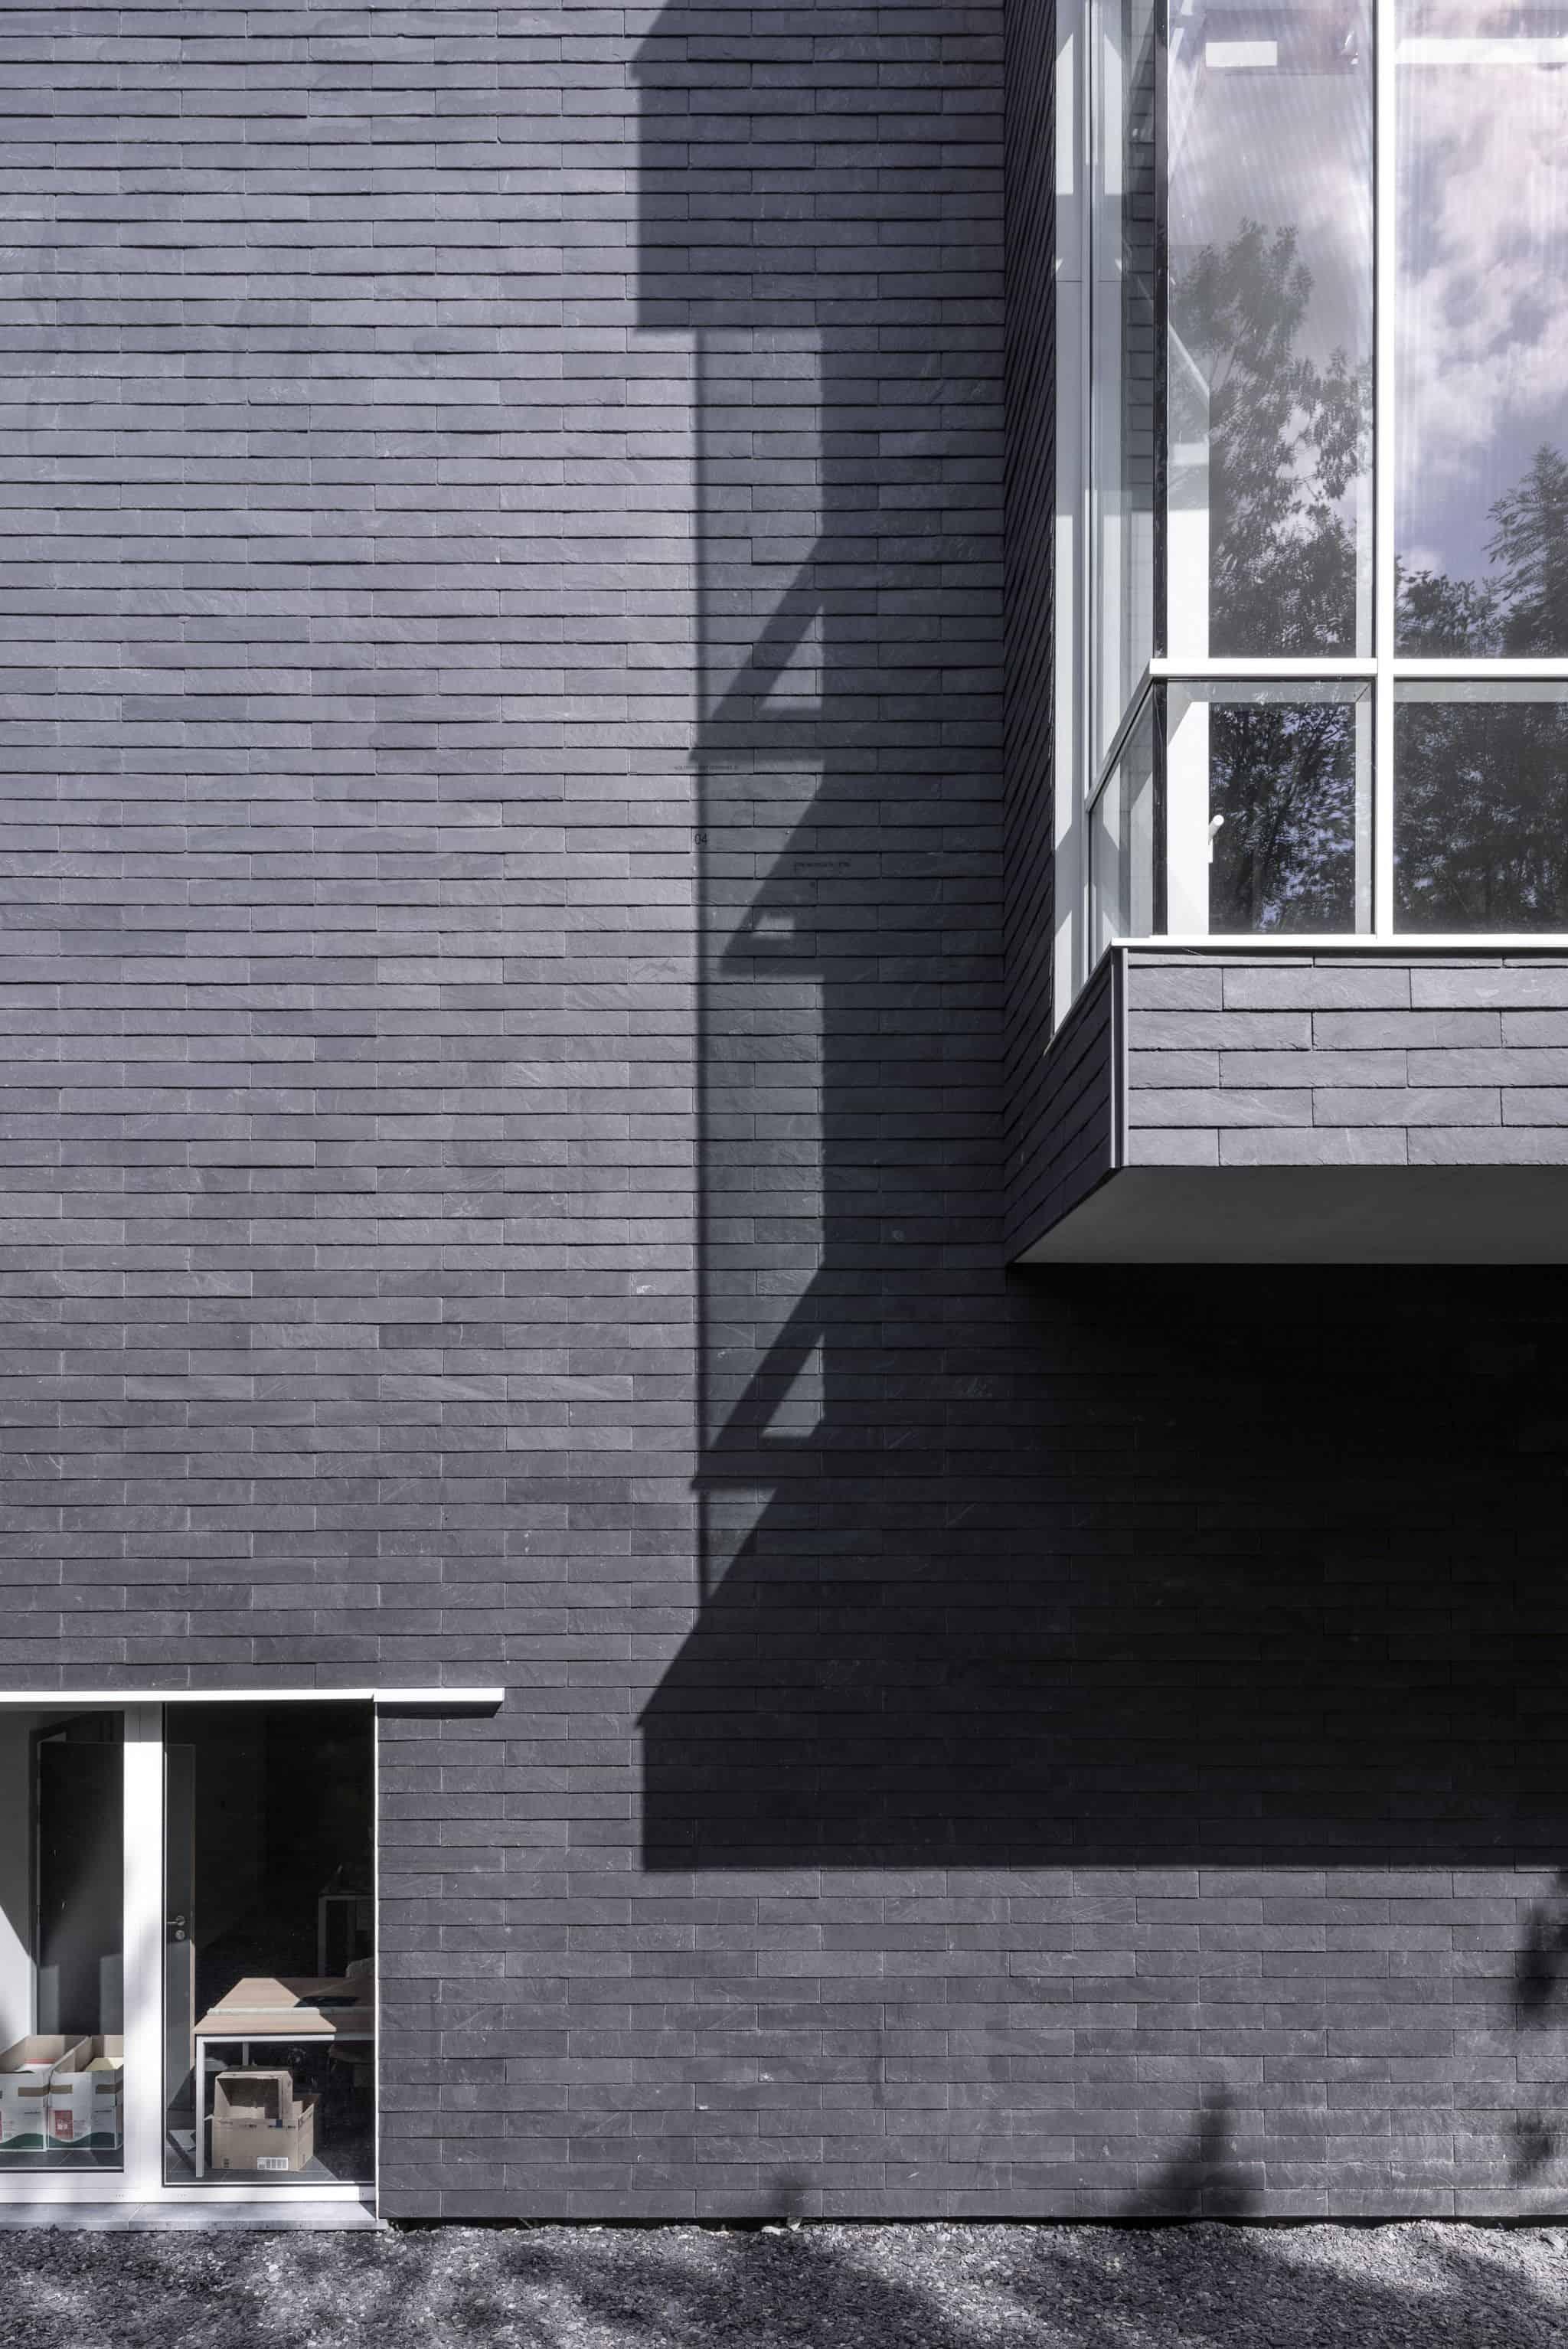 Las fachadas de pizarra negra son elegantes.